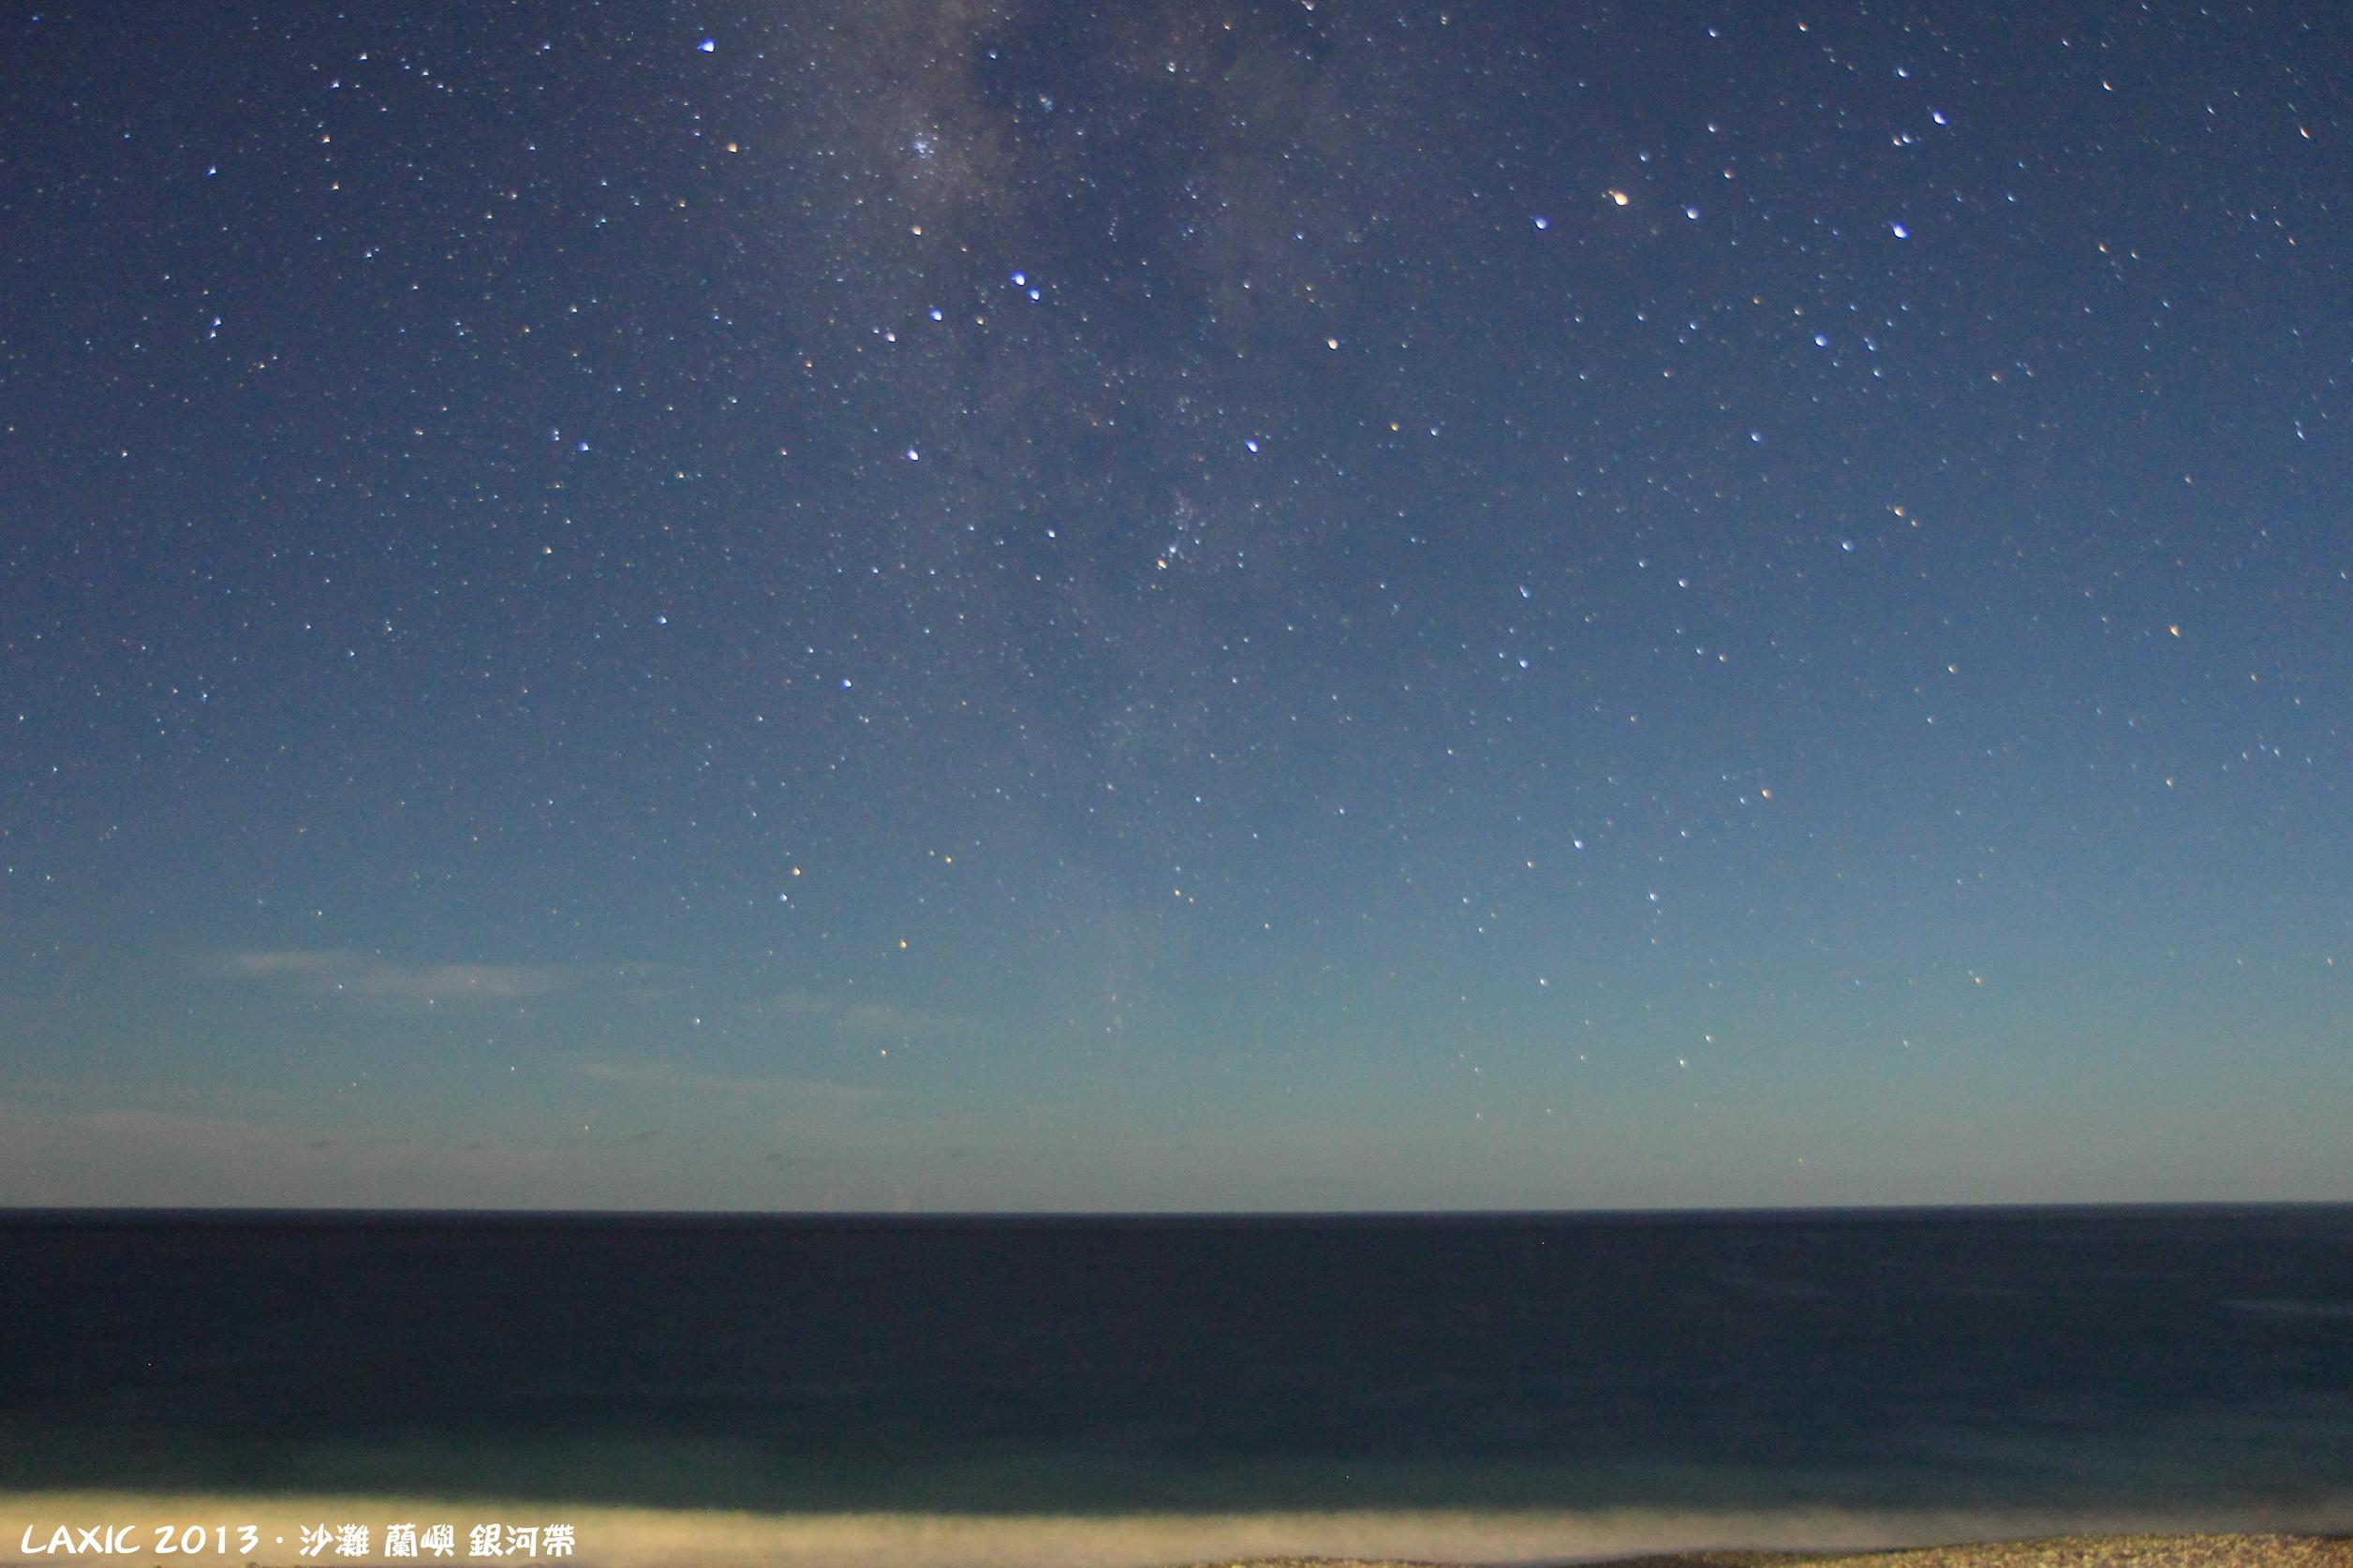 2013.07 沙灘 銀河帶@蘭嶼